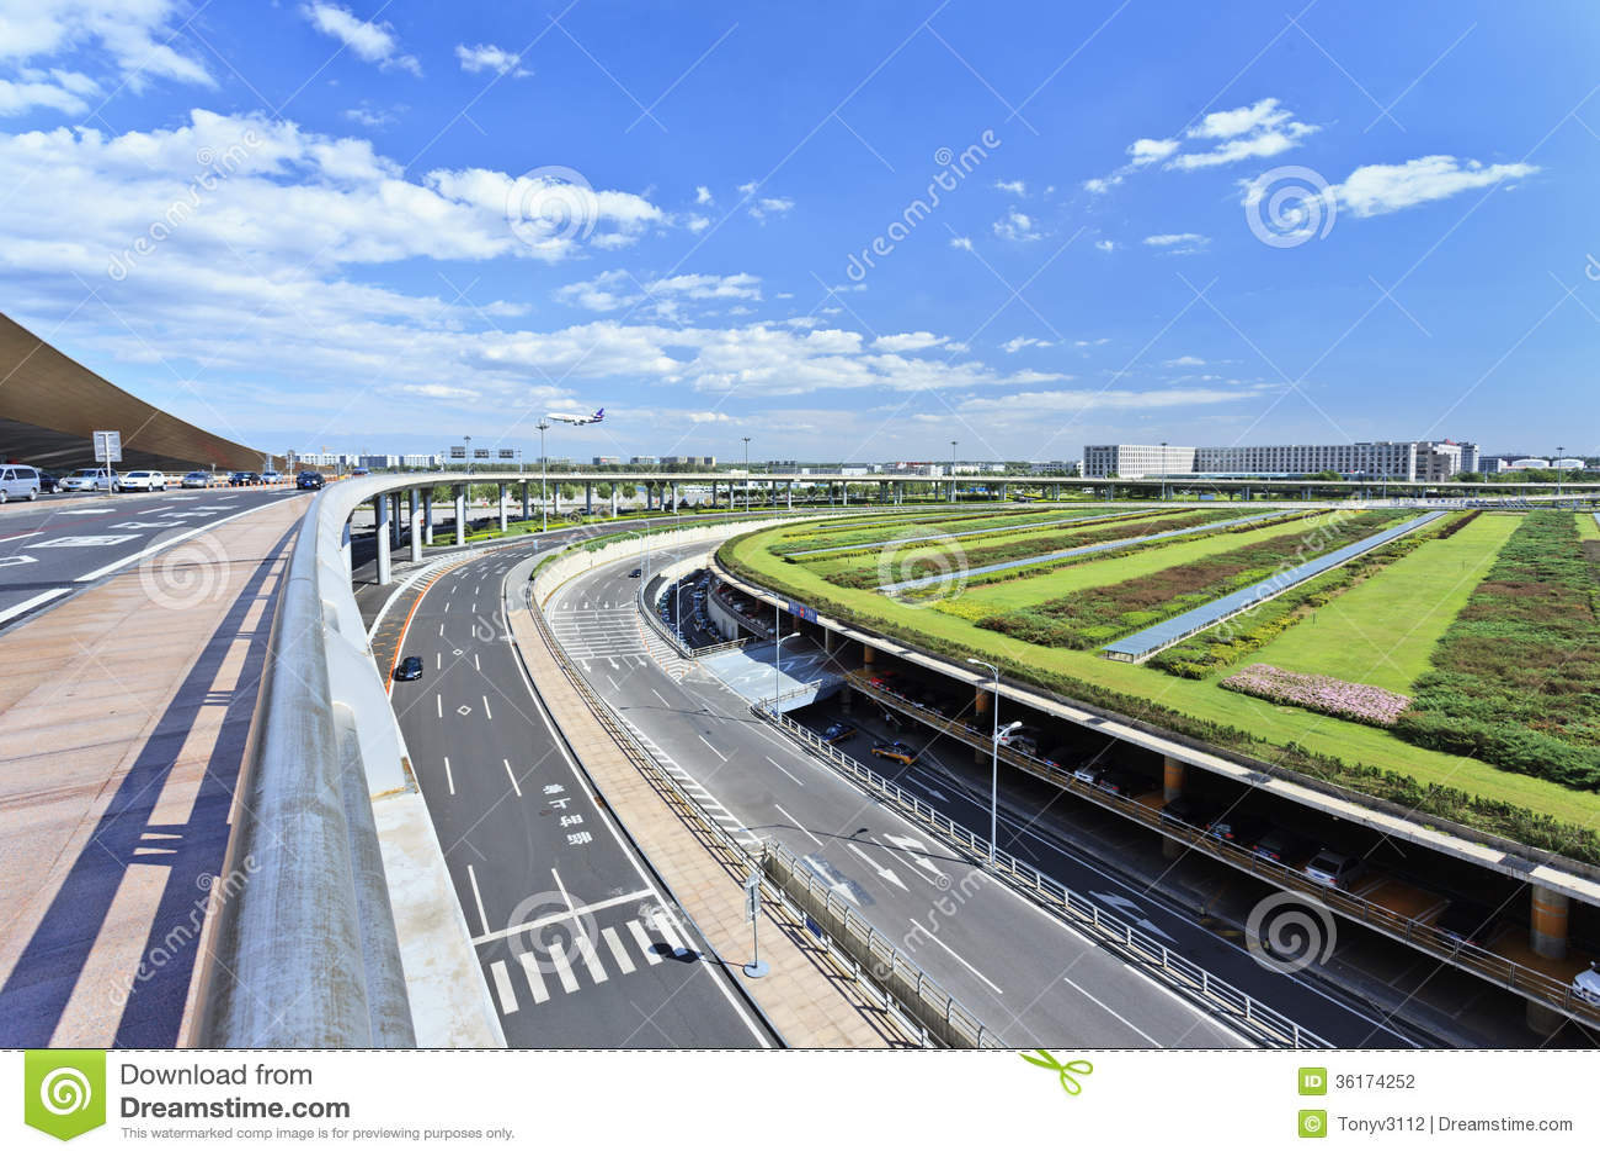 Infrastructuur rond de Hoofdluchthaven van Peking.